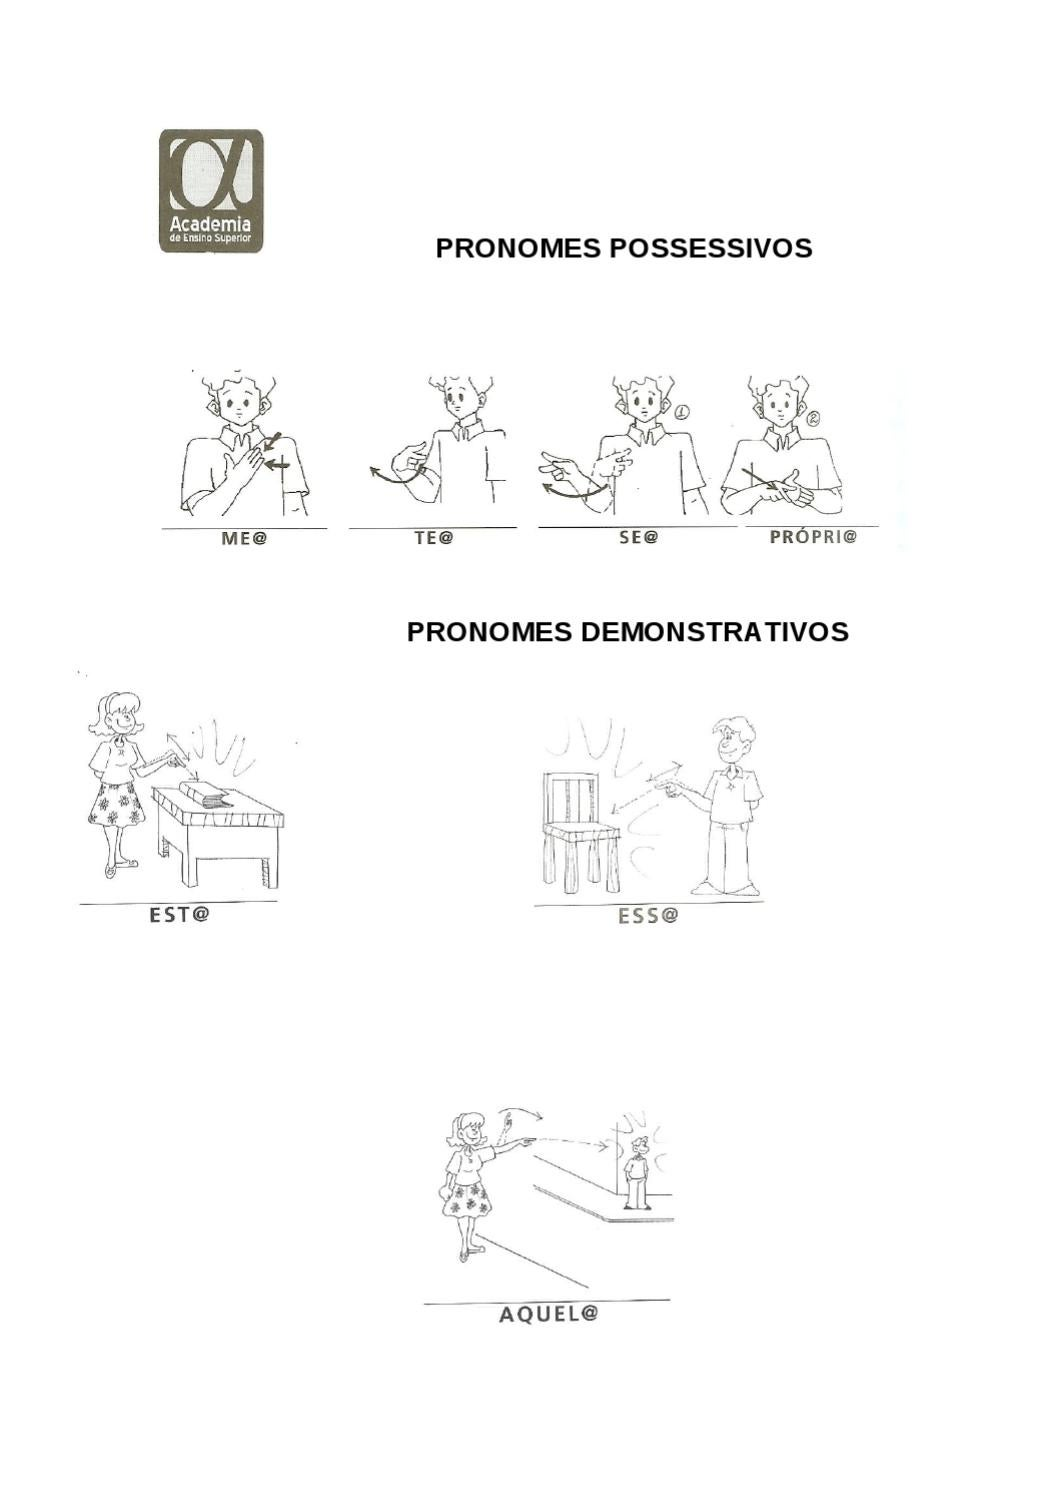 PRONOMES POSSESSIVOS e DEMOSTRATIVOS by Gualberto